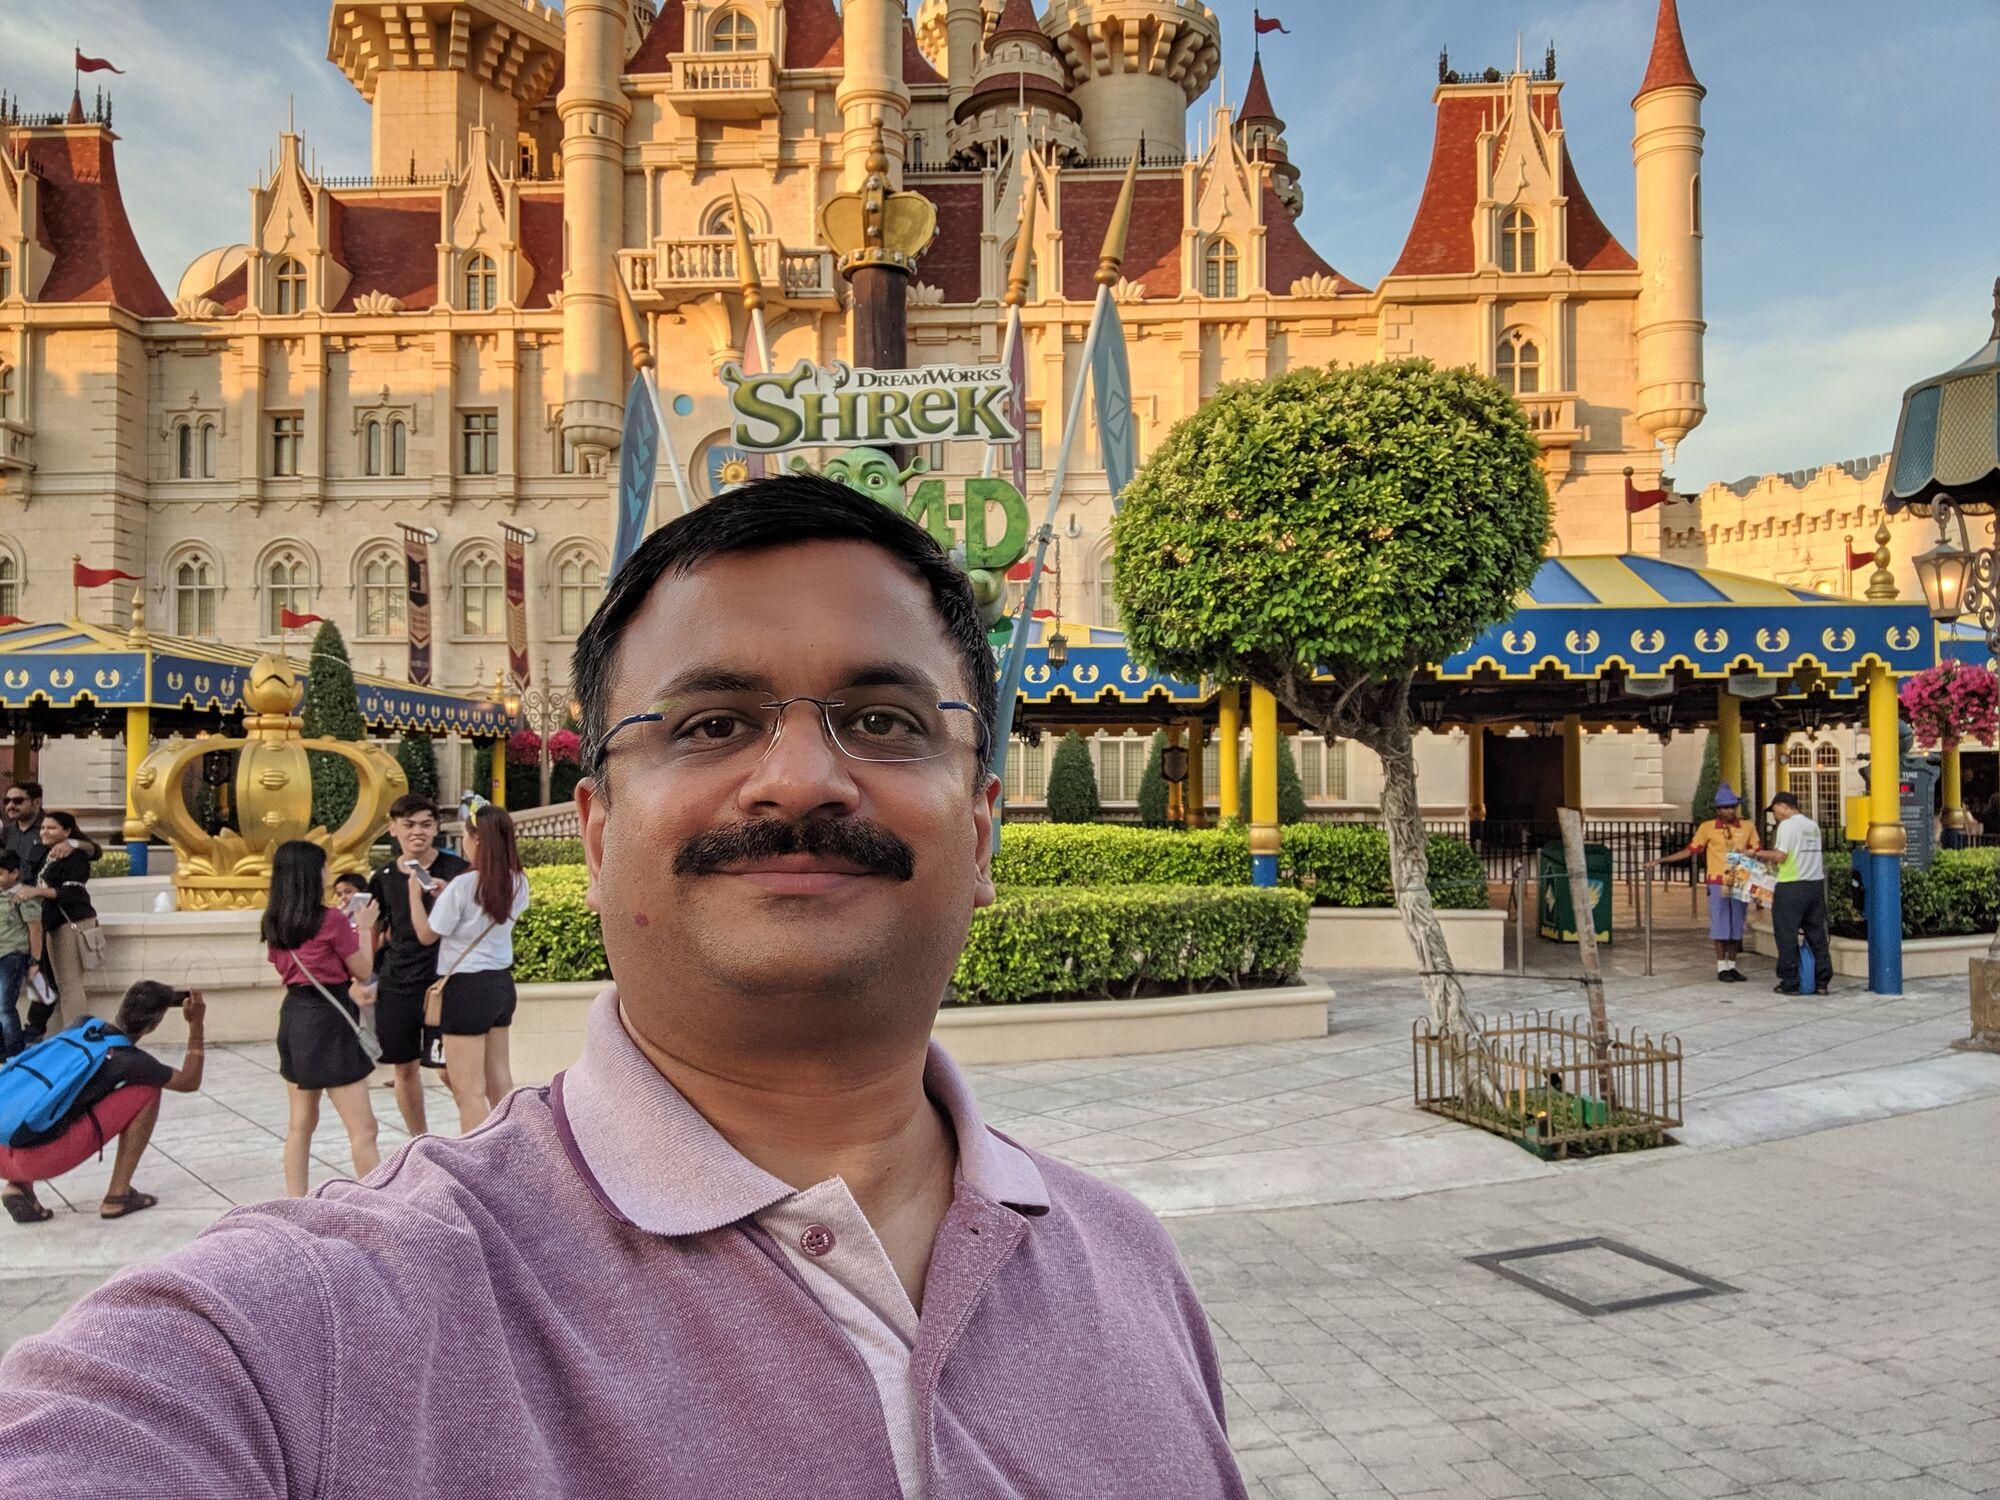 Venkatarangan in front of the Dreamworks Shrek castle